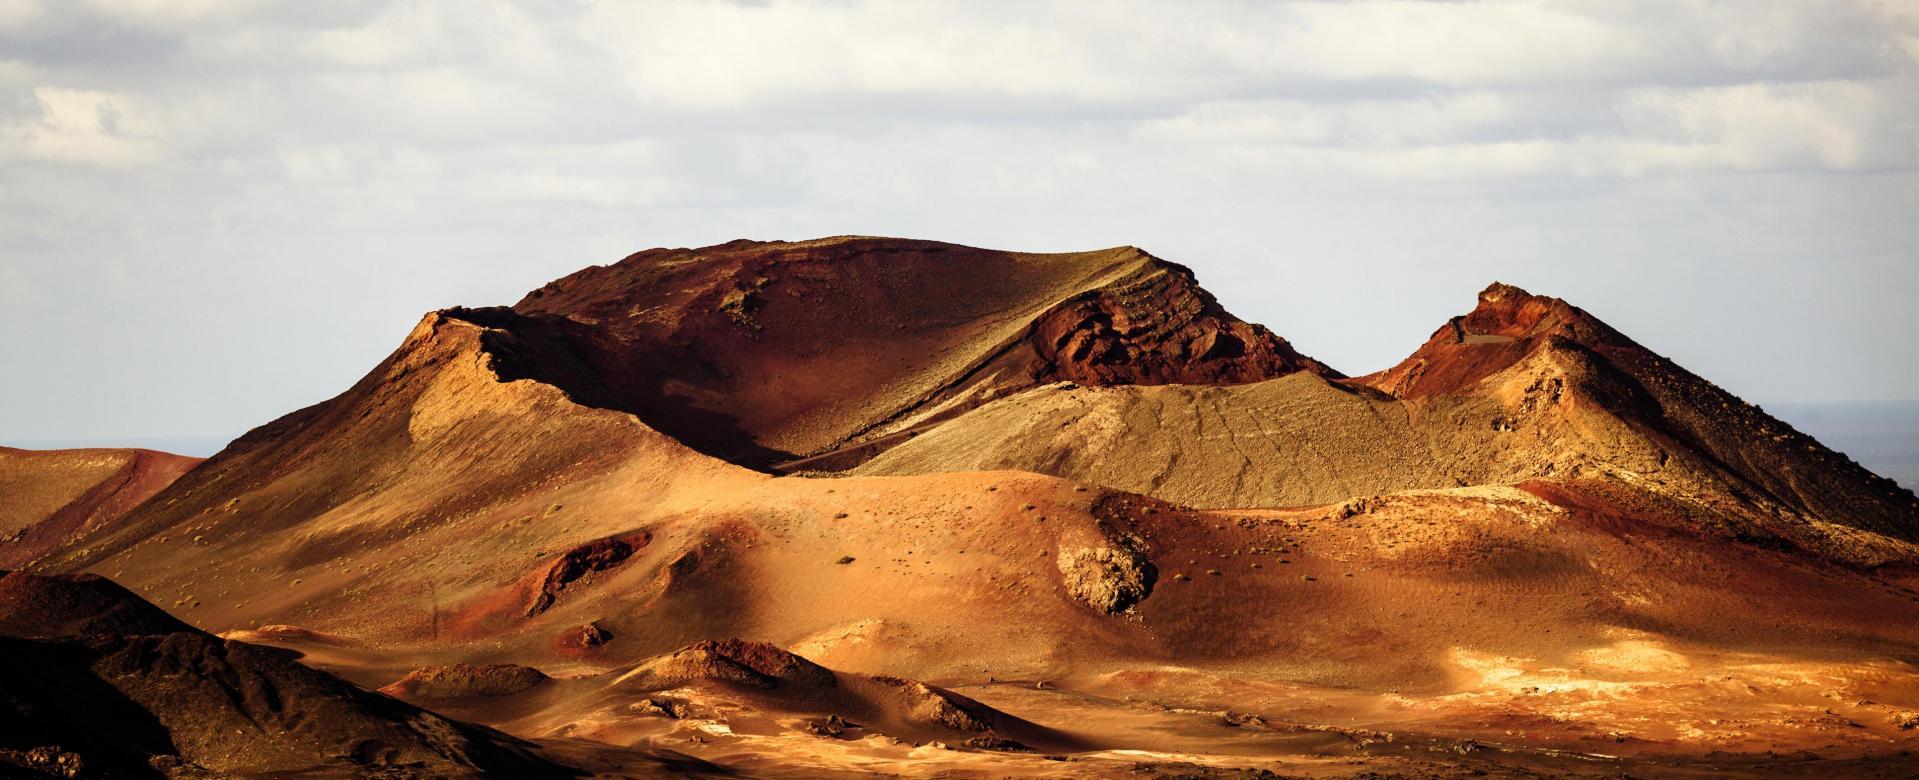 Voyage à pied : Lanzarote et la graciosa